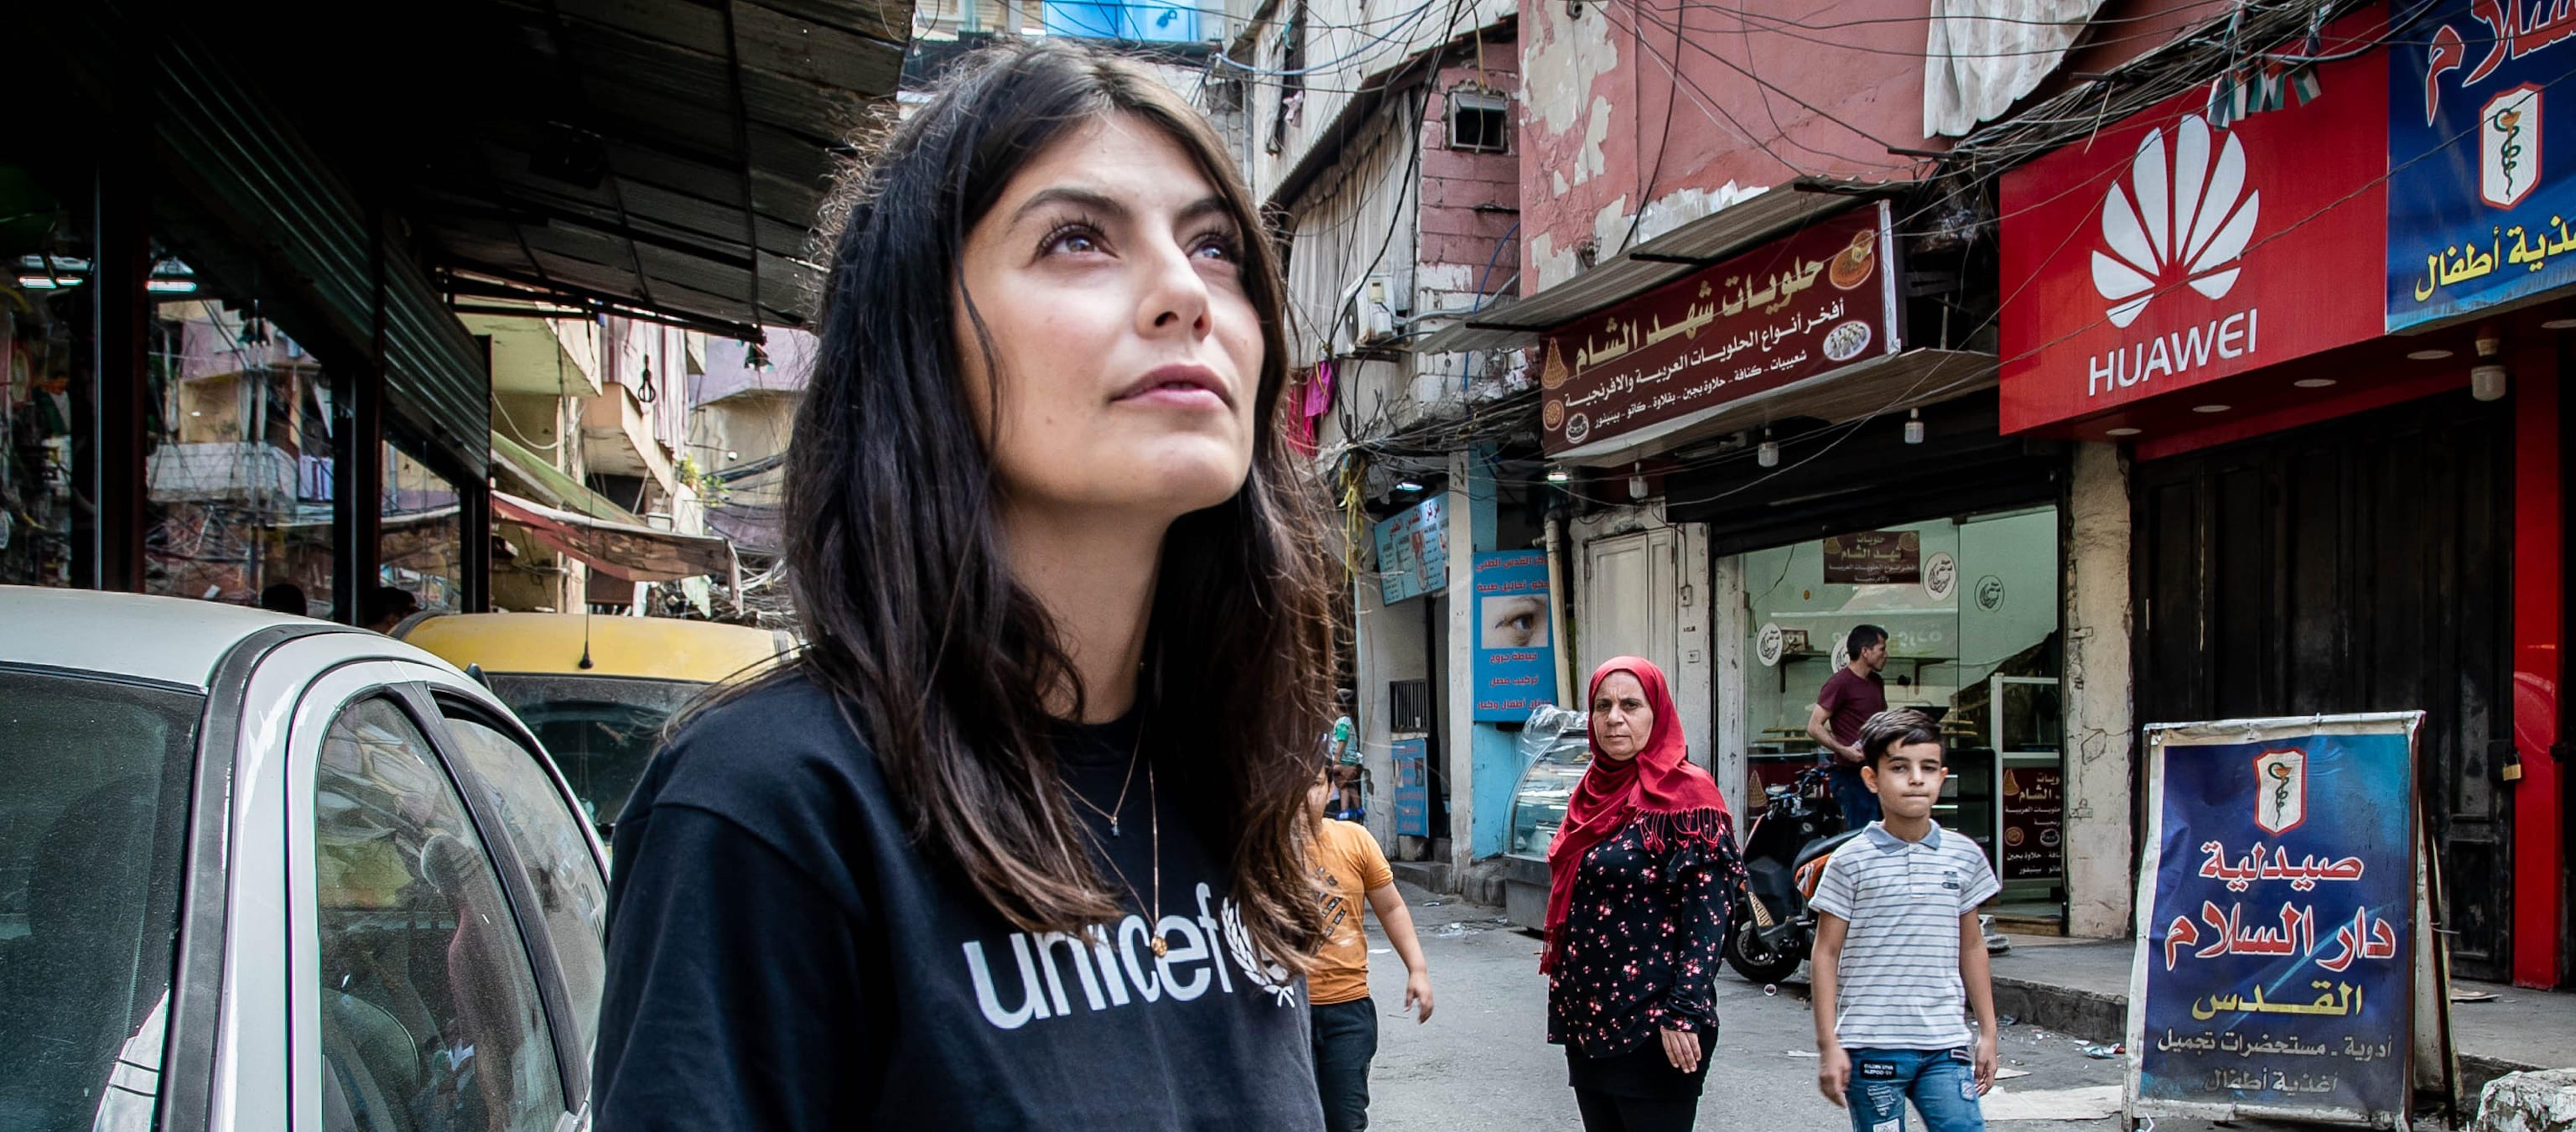 Dona all'UNICEF Italia per aiutare i bambini in Libano